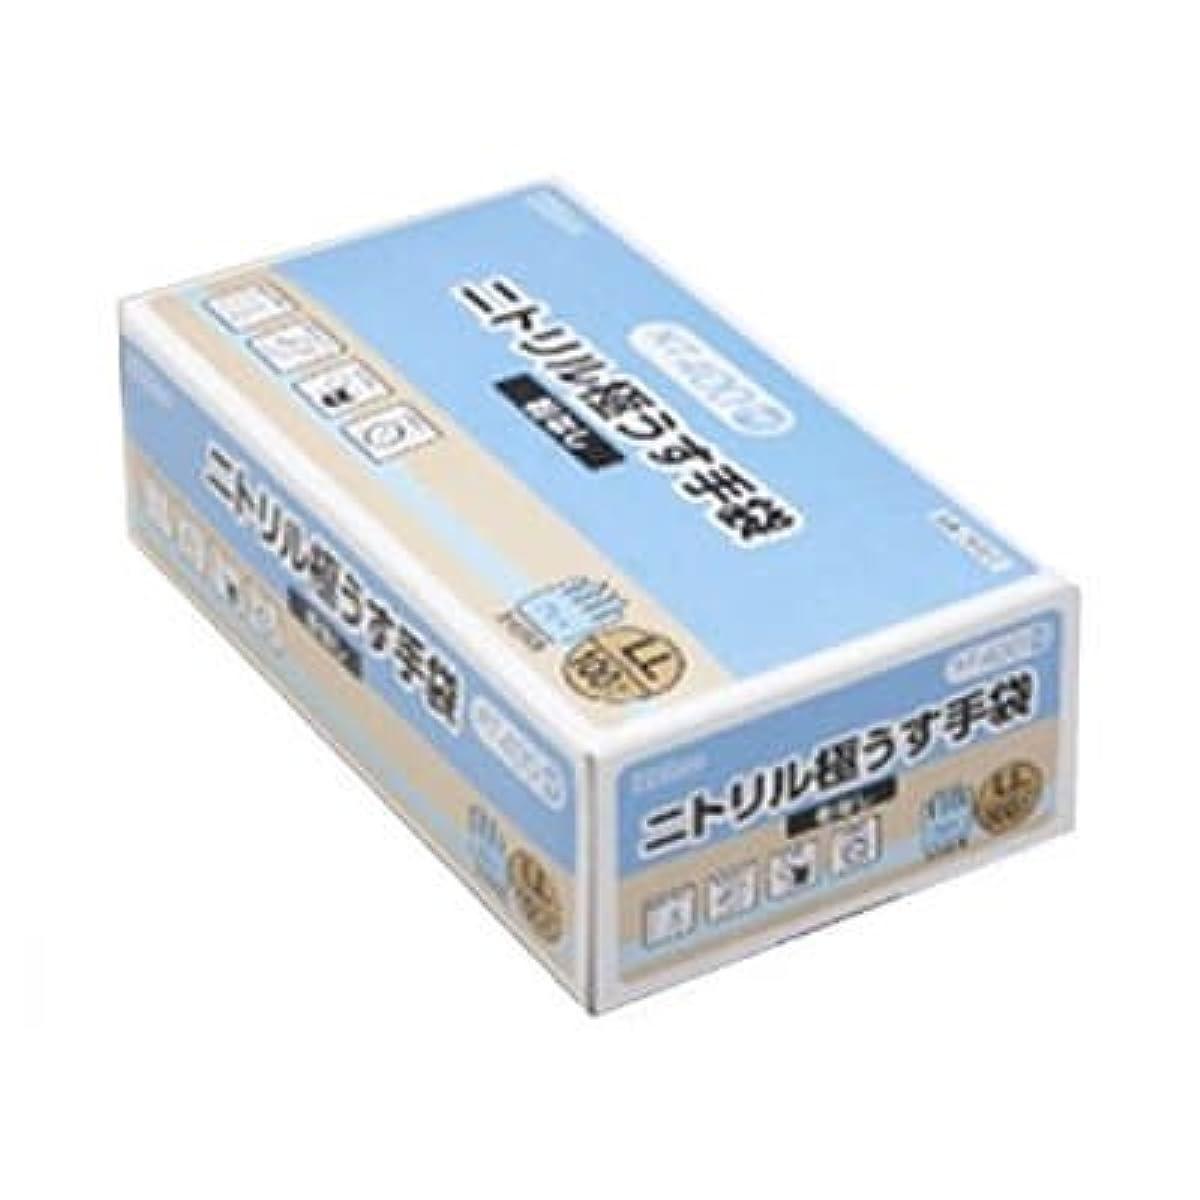 修復超えてカスケード【ケース販売】 ダンロップ ニトリル極うす手袋 粉無 LL ブルー NT-400 (100枚入×20箱)